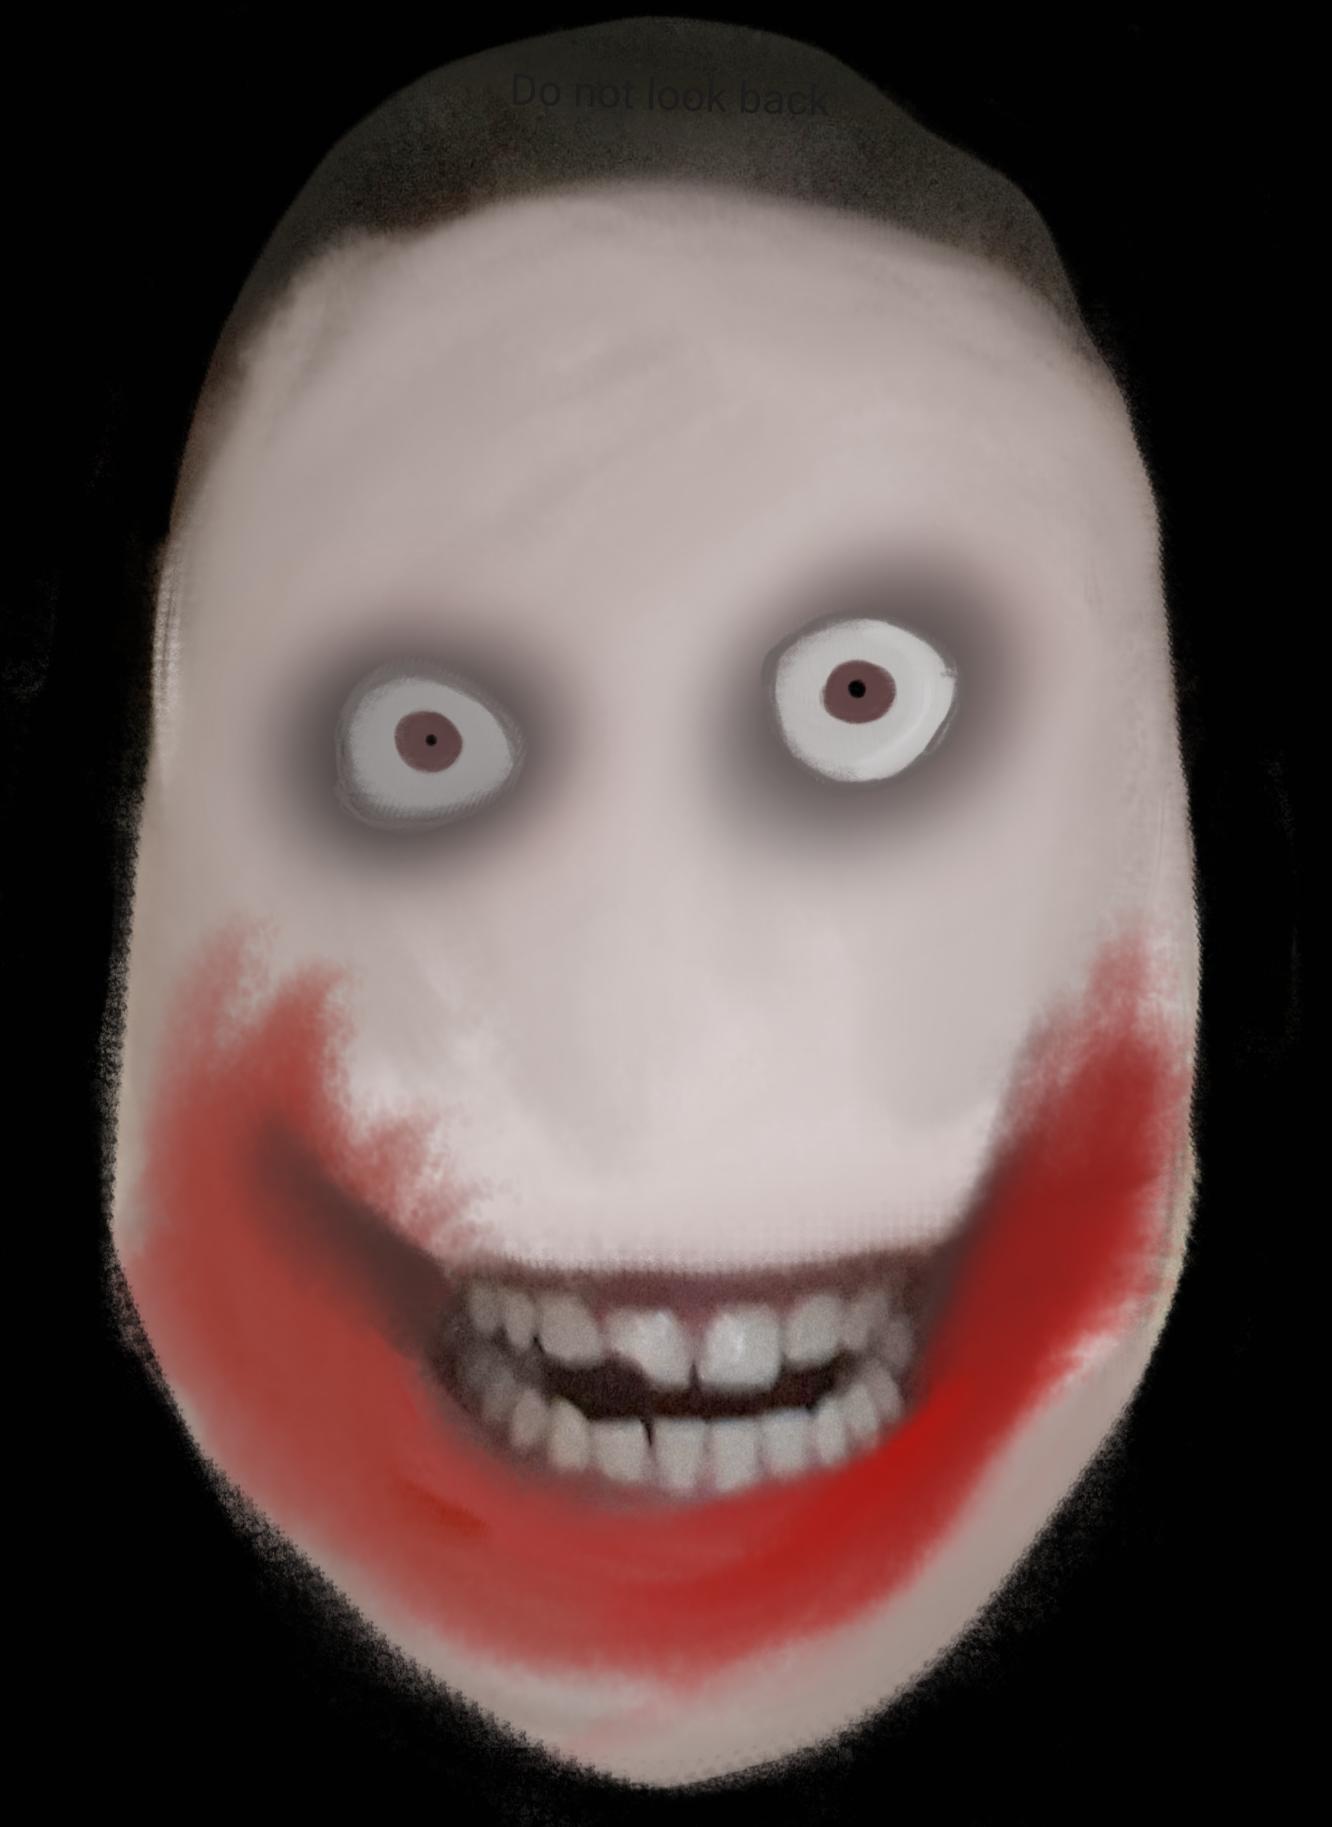 Creepypasta Mike tem um site : https://mikeexe.simdif.com